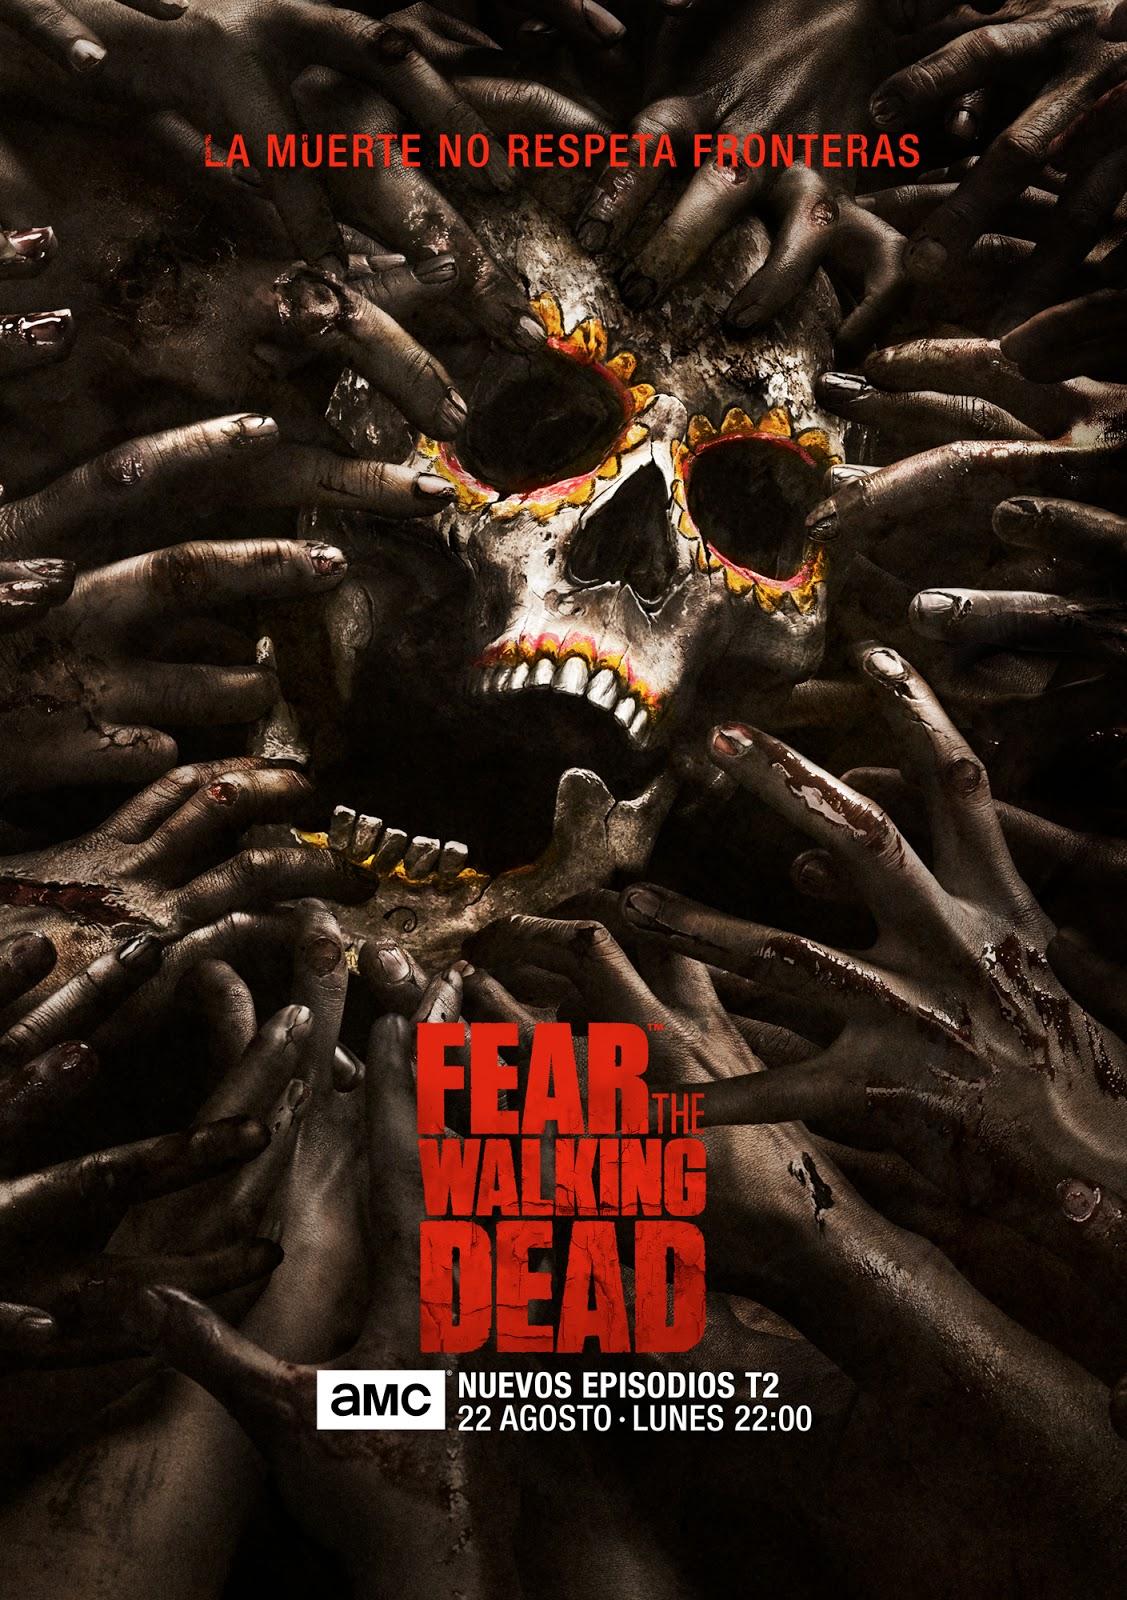 Póster oficial de la segunda parte de la T2 de 'Fear the Walking Dead' y adelanto del próximo episodio